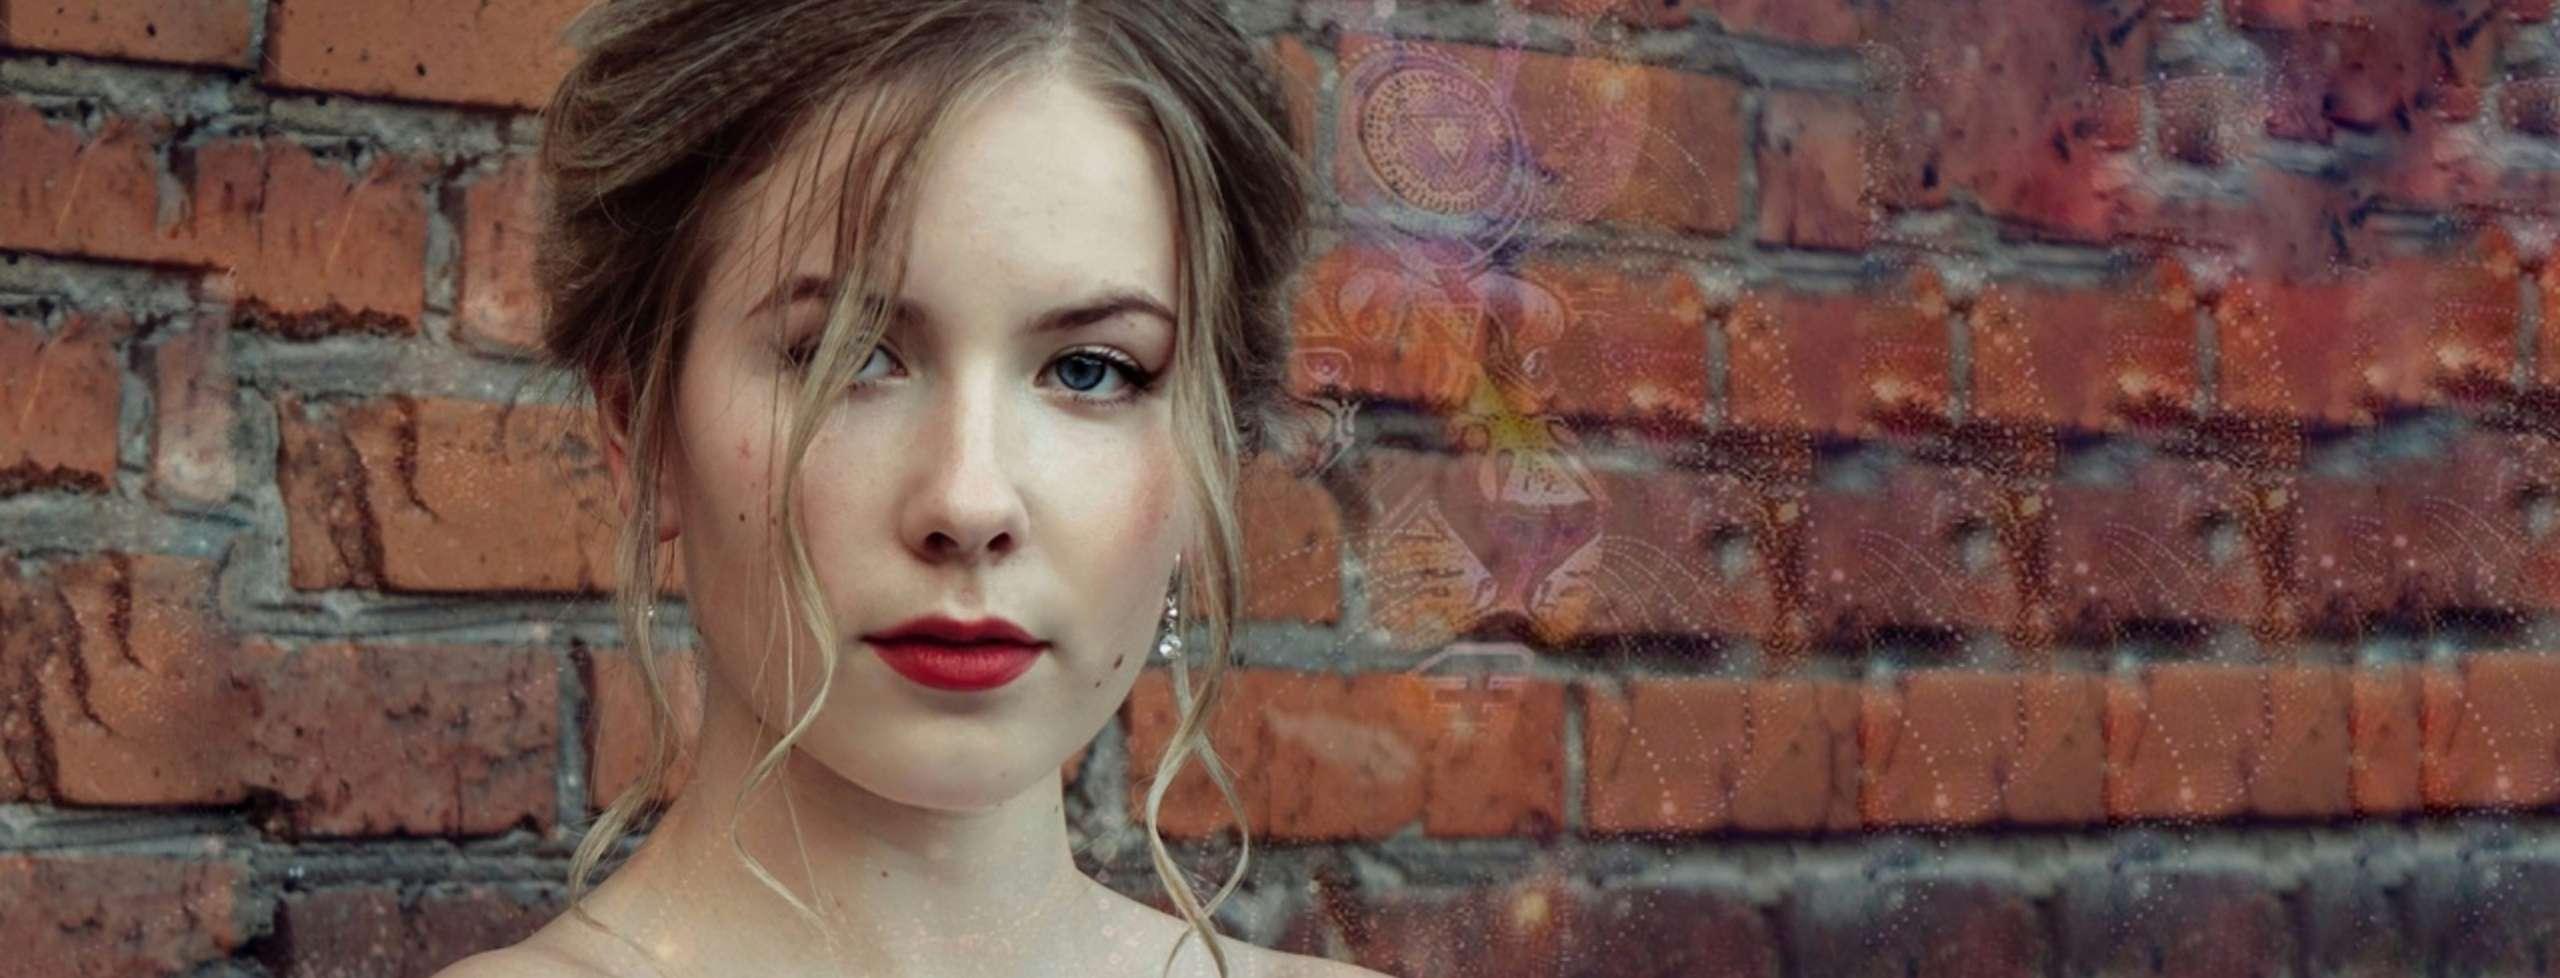 Anastasia Bird